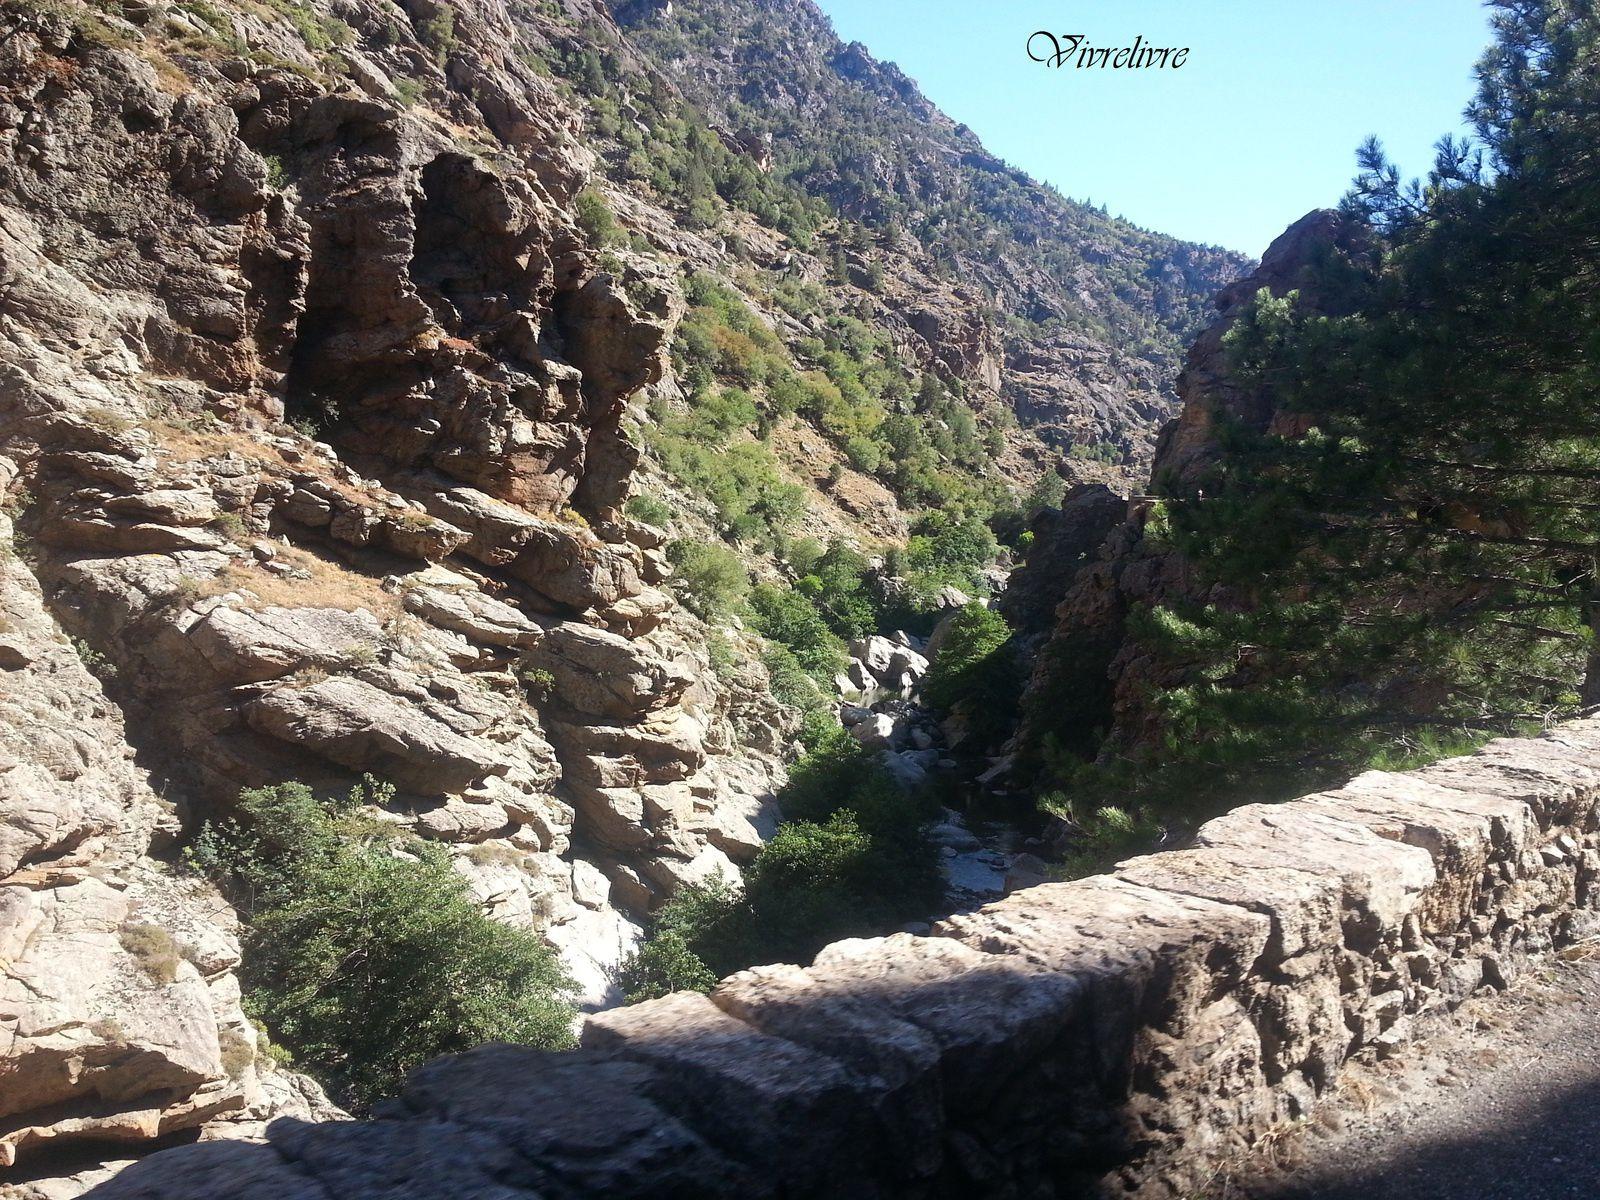 Scala di Santa Regina - Région du Niolu, Haute-Corse (août 2016) Une route étroite et tortueuse, dominée par des roches et en contrebas une petite rivière.